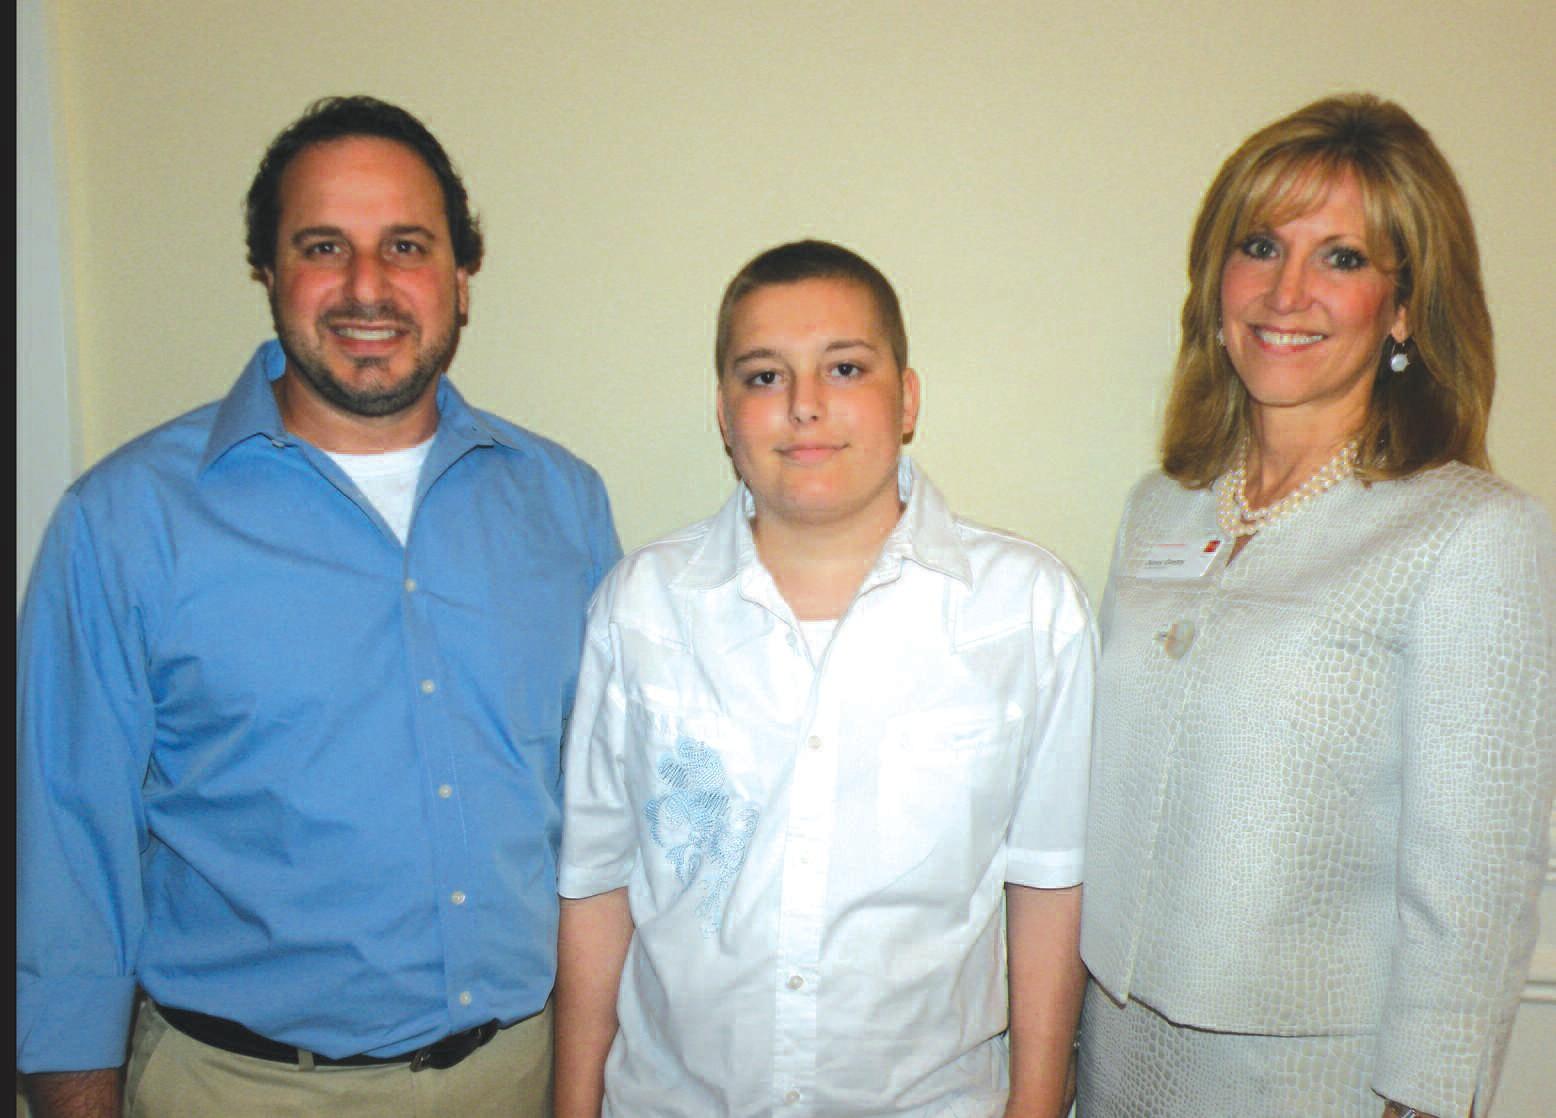 Pictured left to right: Mr. Gagliardo, Greyson Gagliardo, and Jenny Gentry, 2011 Corporate Walk Chairman